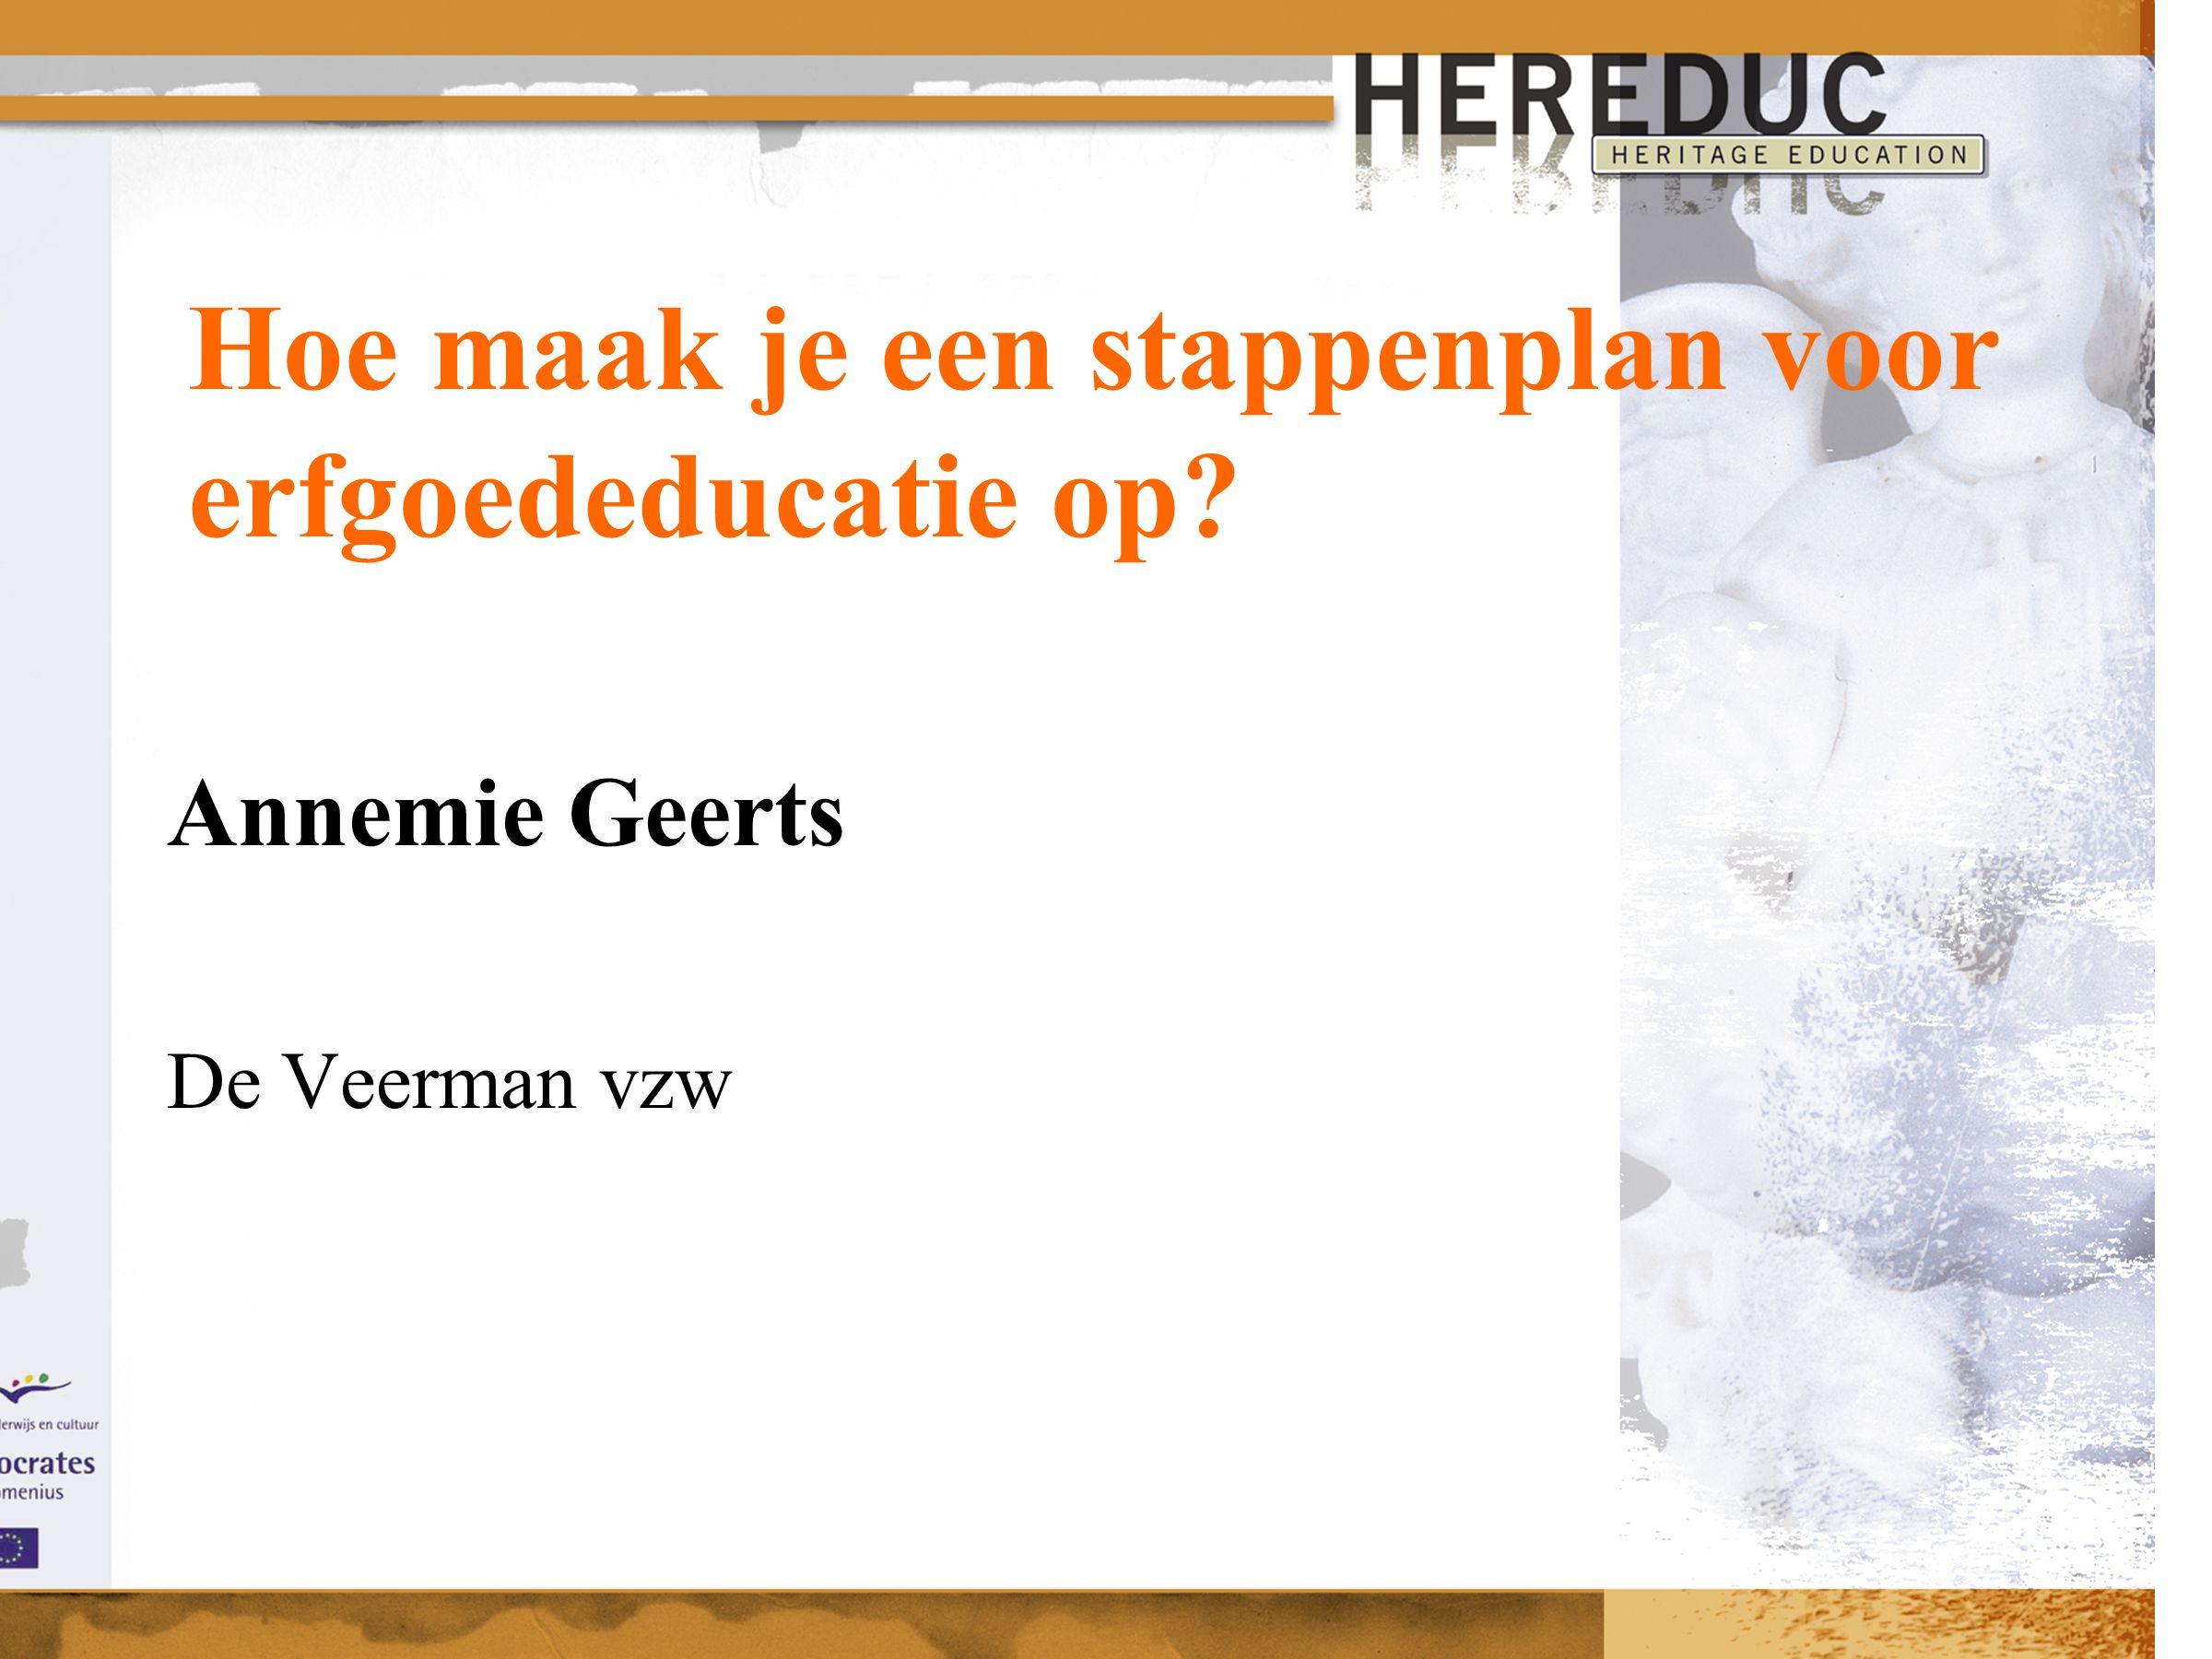 Hoe maak je een stappenplan voor erfgoededucatie op Annemie Geerts De Veerman vzw